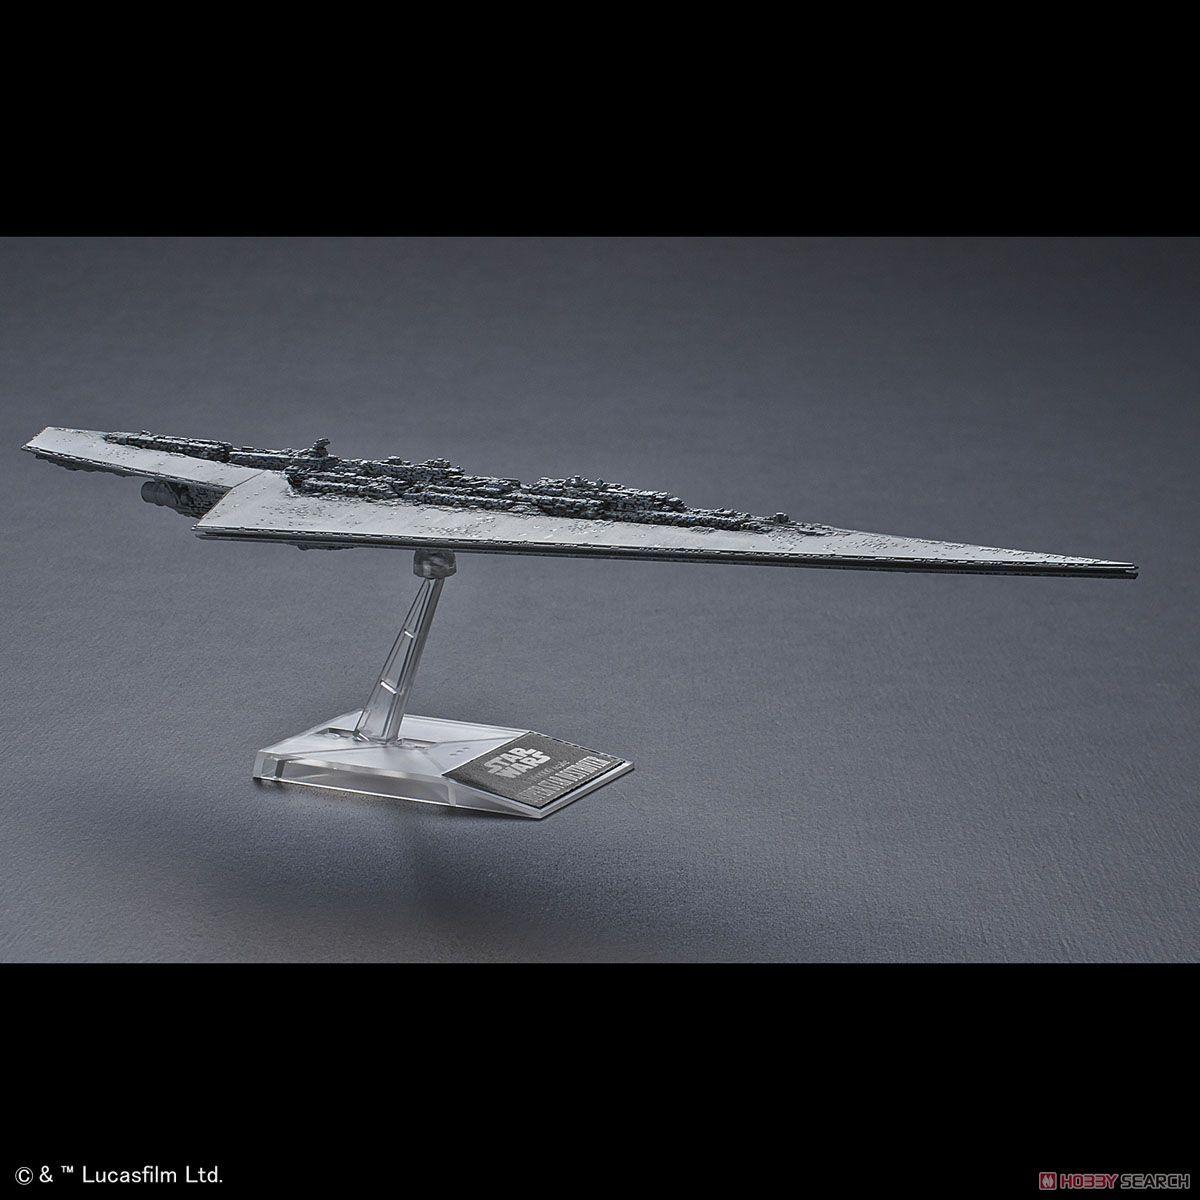 Bandai 5057711 Vehicle Model 016 Super Star Destroyer